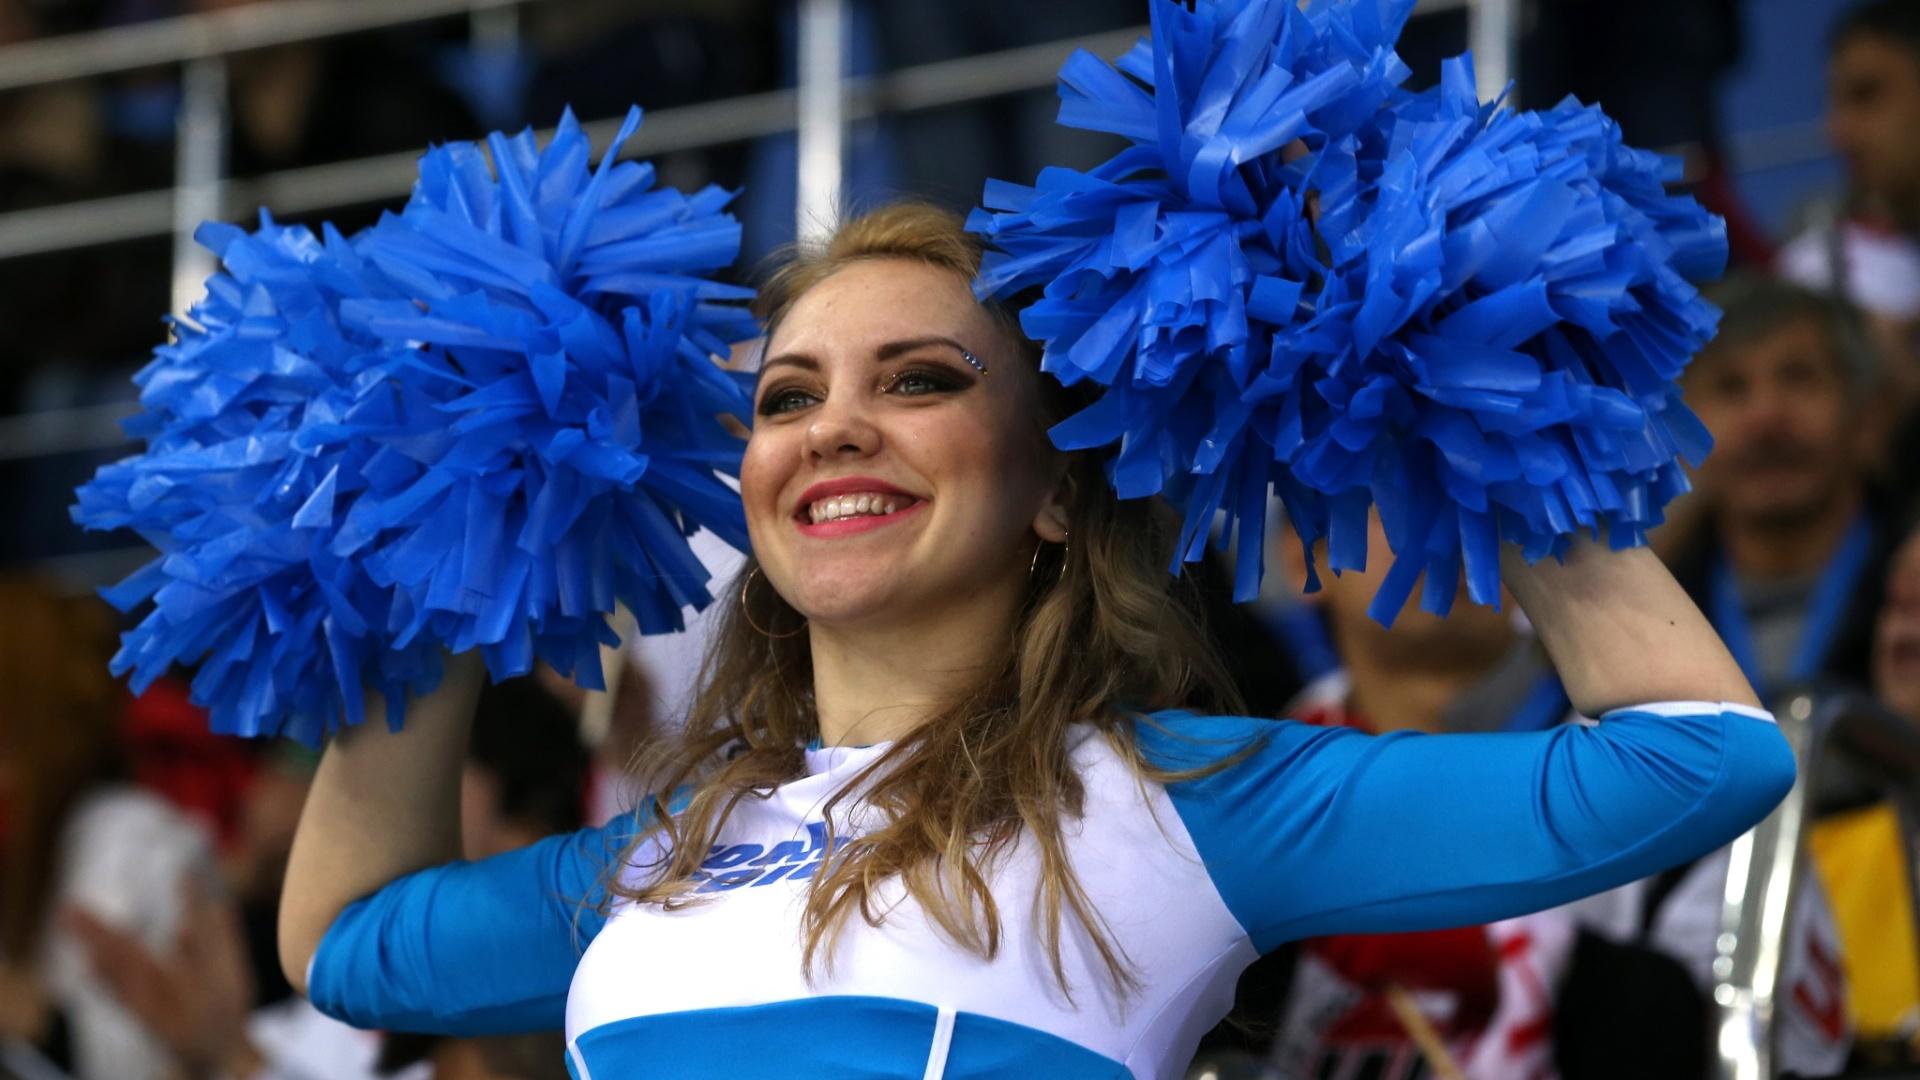 09.02.14 - Cheerleader se apresenta em jogo do hóquei no gelo feminino em Sochi